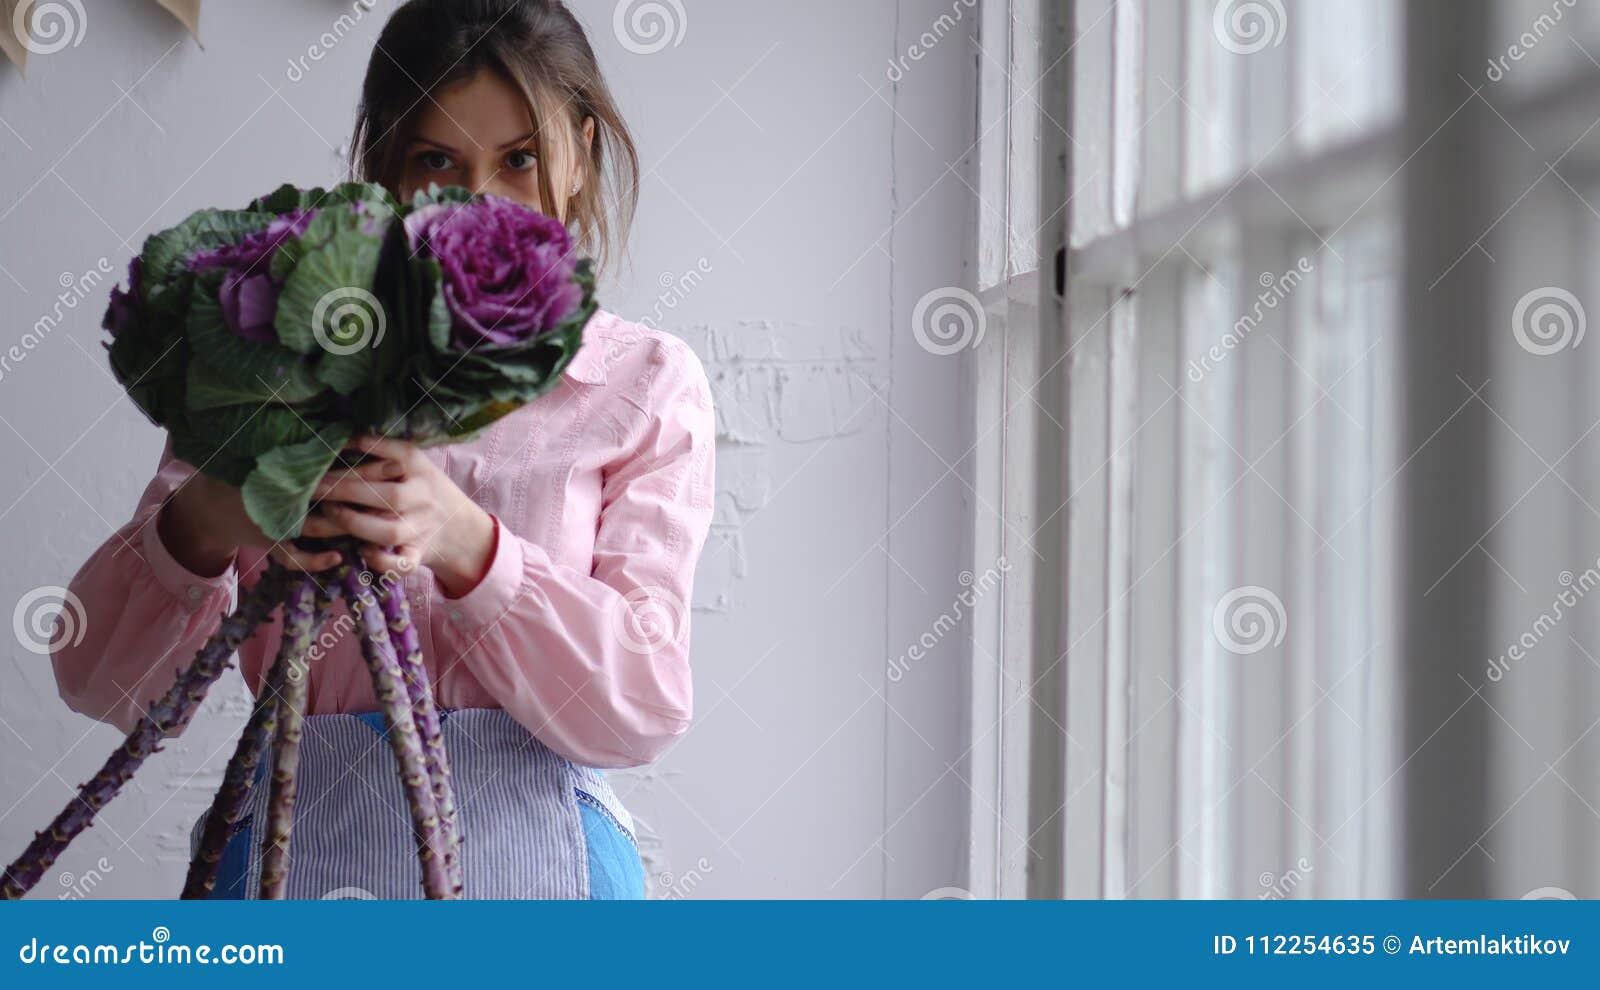 De bloemist selecteert bloemen om een huwelijksboeket te creëren